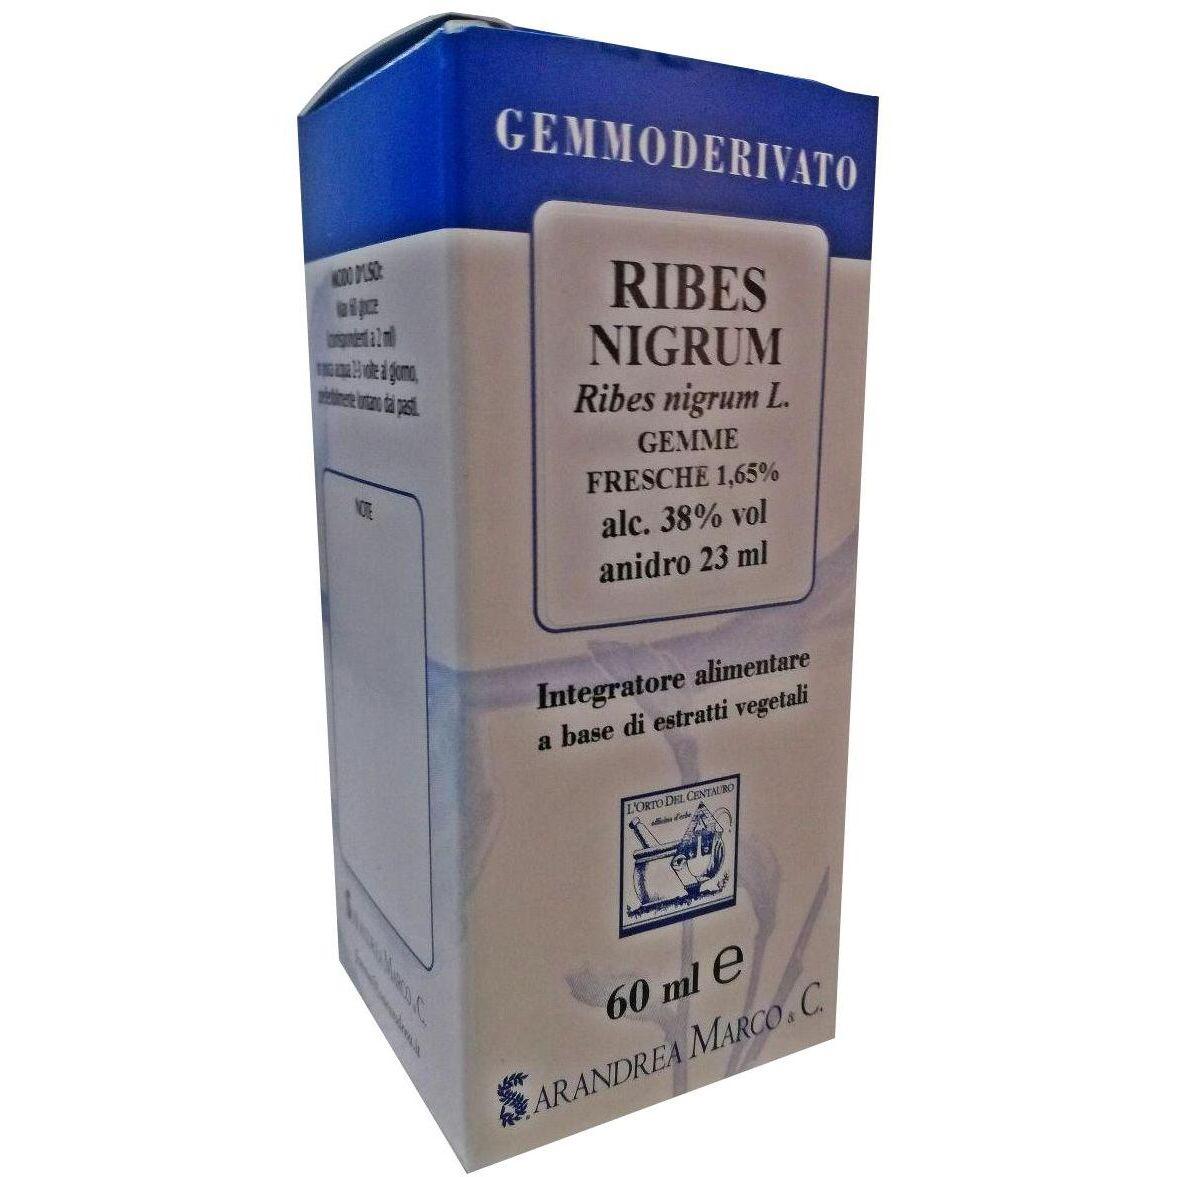 Ribes Nigrum Globosplazacom